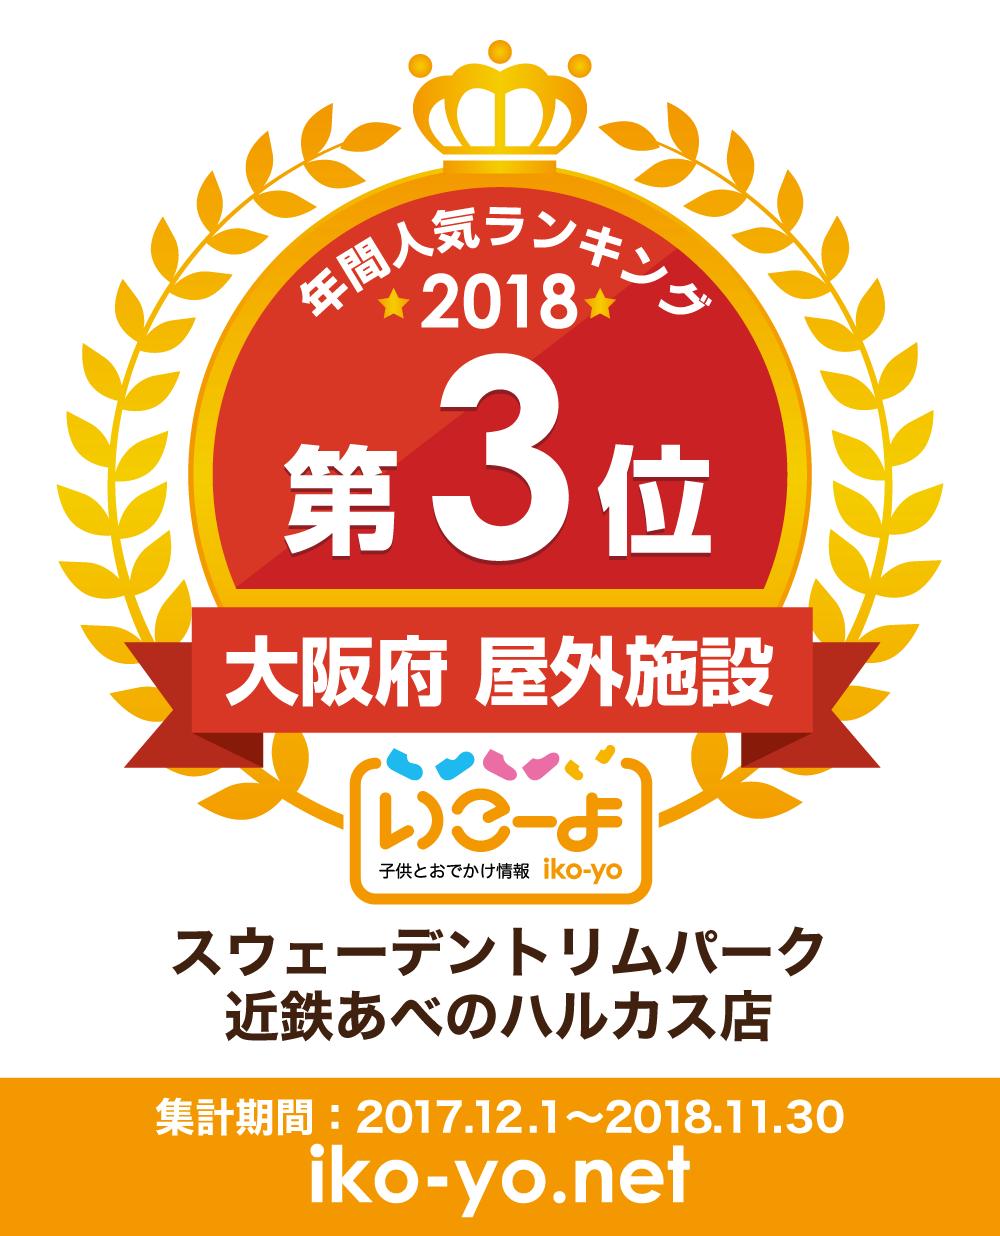 子どもとおでかけ情報サイト【いこーよ】さんの2018年度大阪府屋外施設人気ランキング第3位